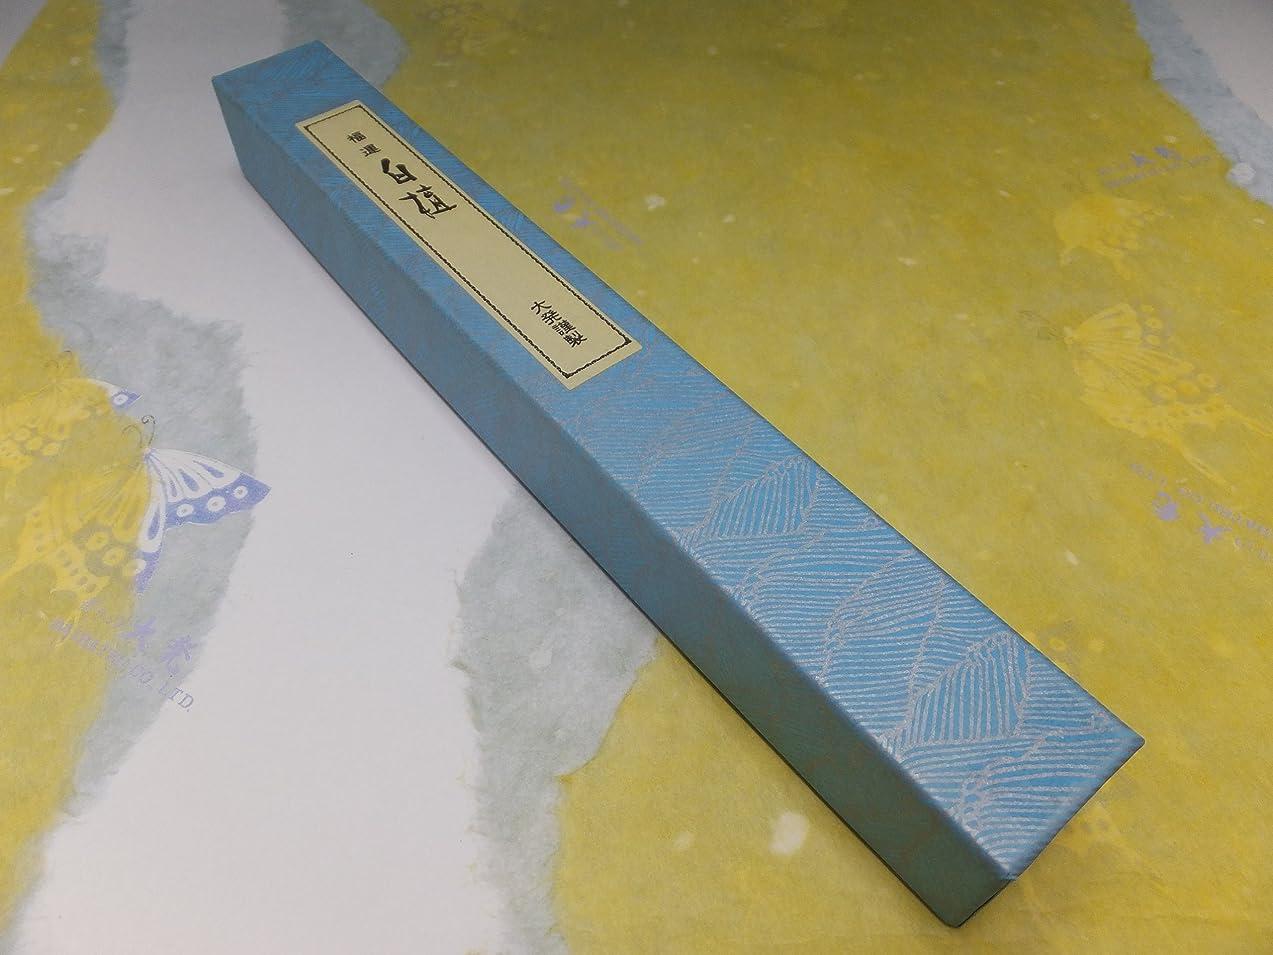 交じるオフェンスやる淡路島の「大発」のお線香 福運 白檀 長寸 (日本のお線香の70%を生産する淡路島)